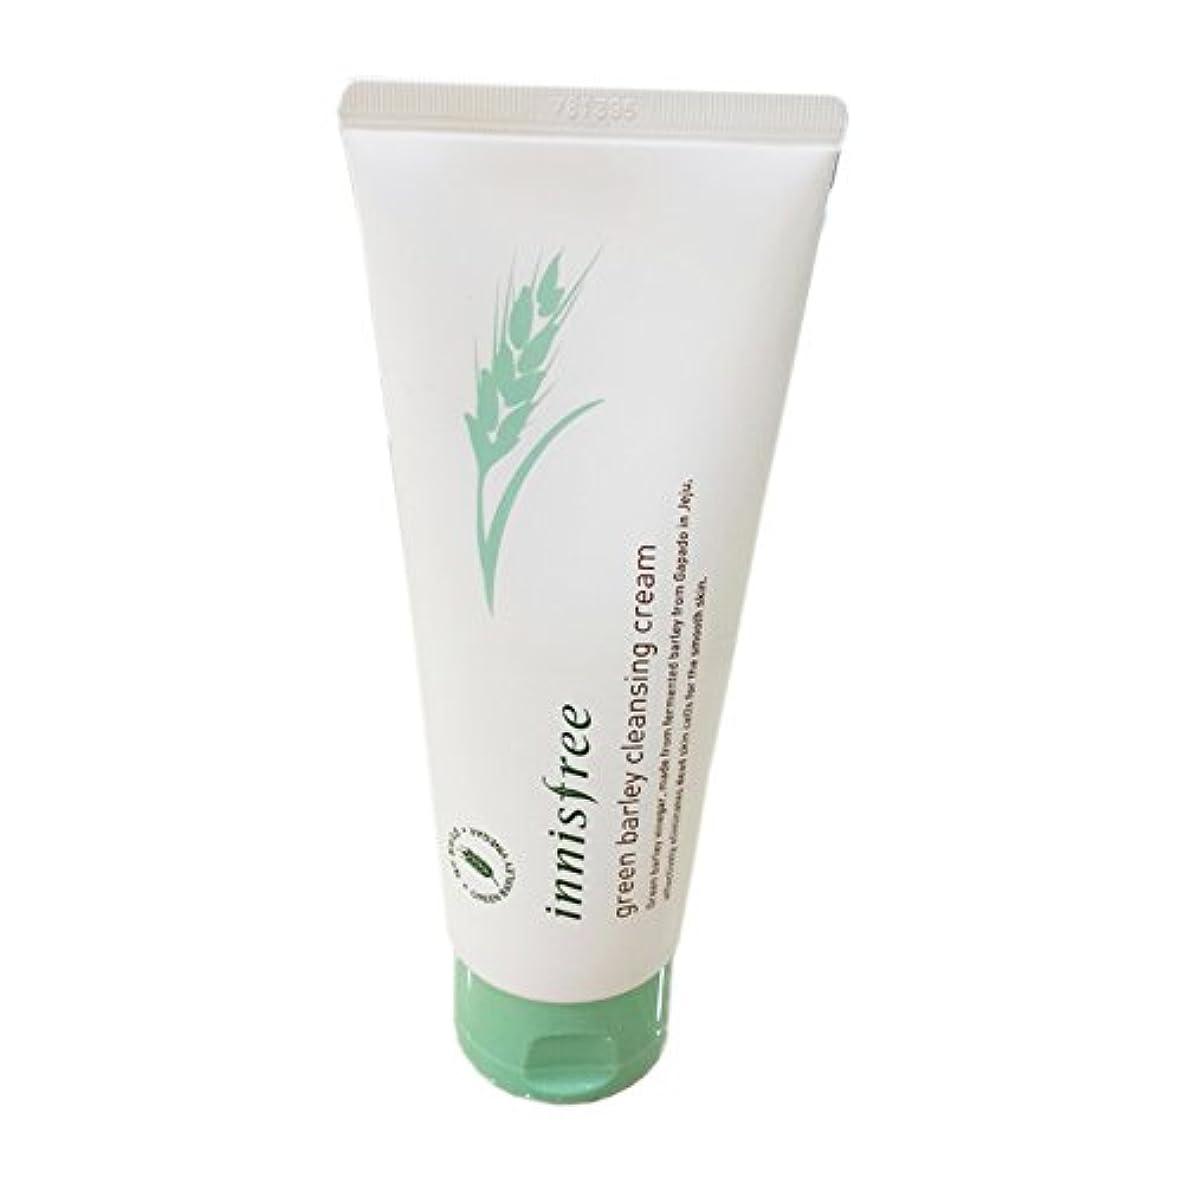 [イニスフリー] Innisfree 青麦クレンジングクリーム (150ml) Innisfree Green Barley Cleansing Cream (150ml) [海外直送品]